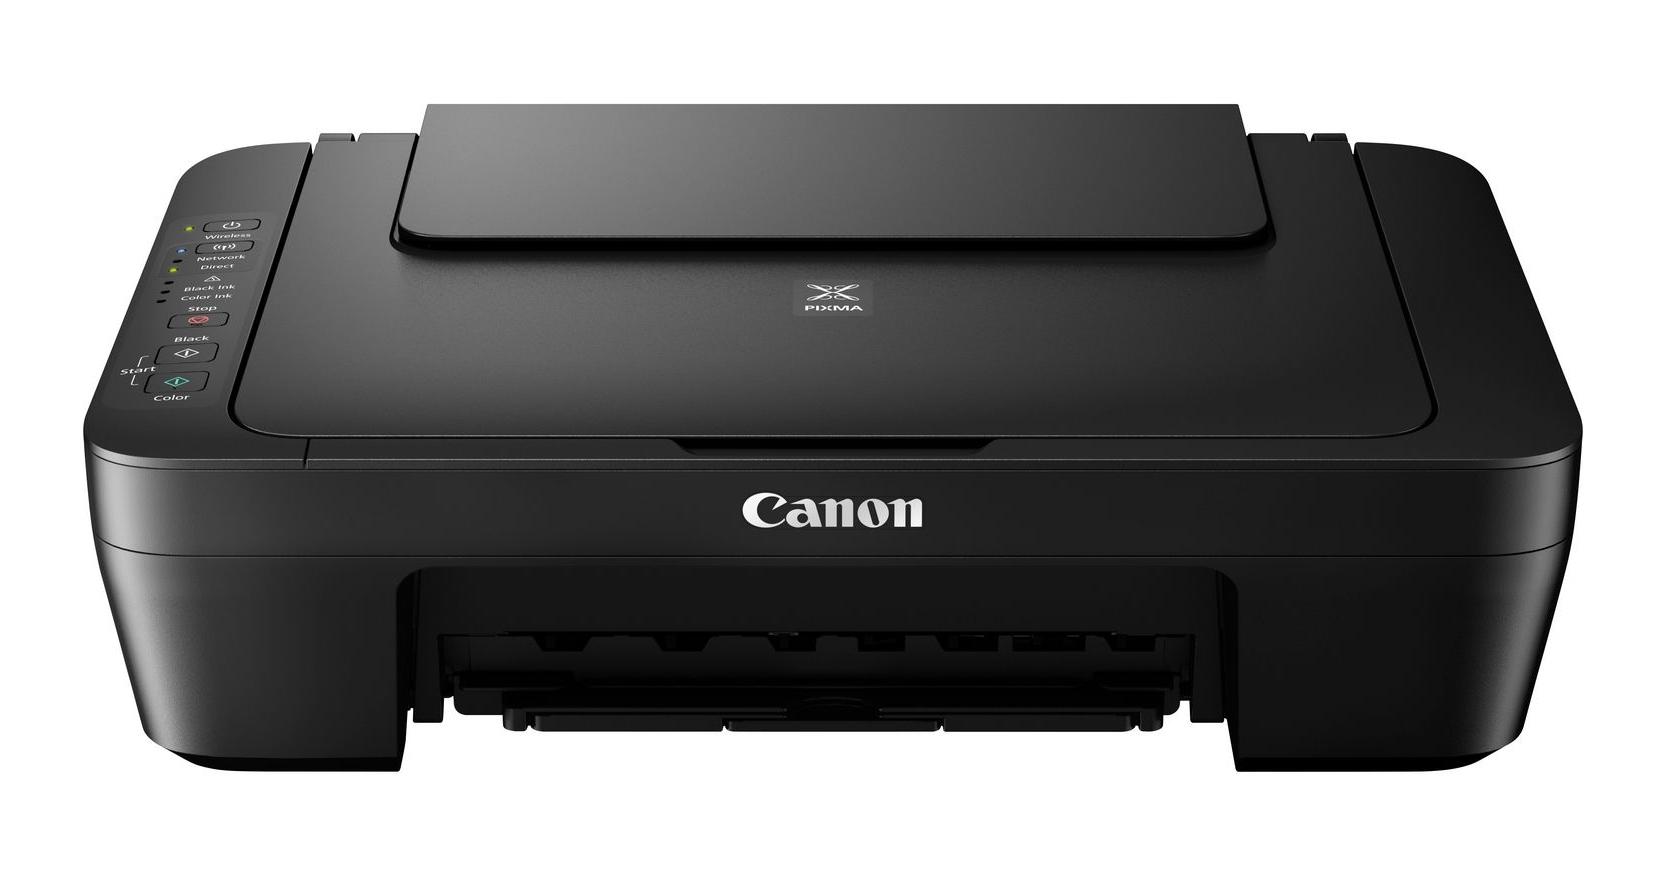 Canon PIXMA MG3050 Inkjet 4800 x 600 DPI 8 ppm A4 Wi-Fi